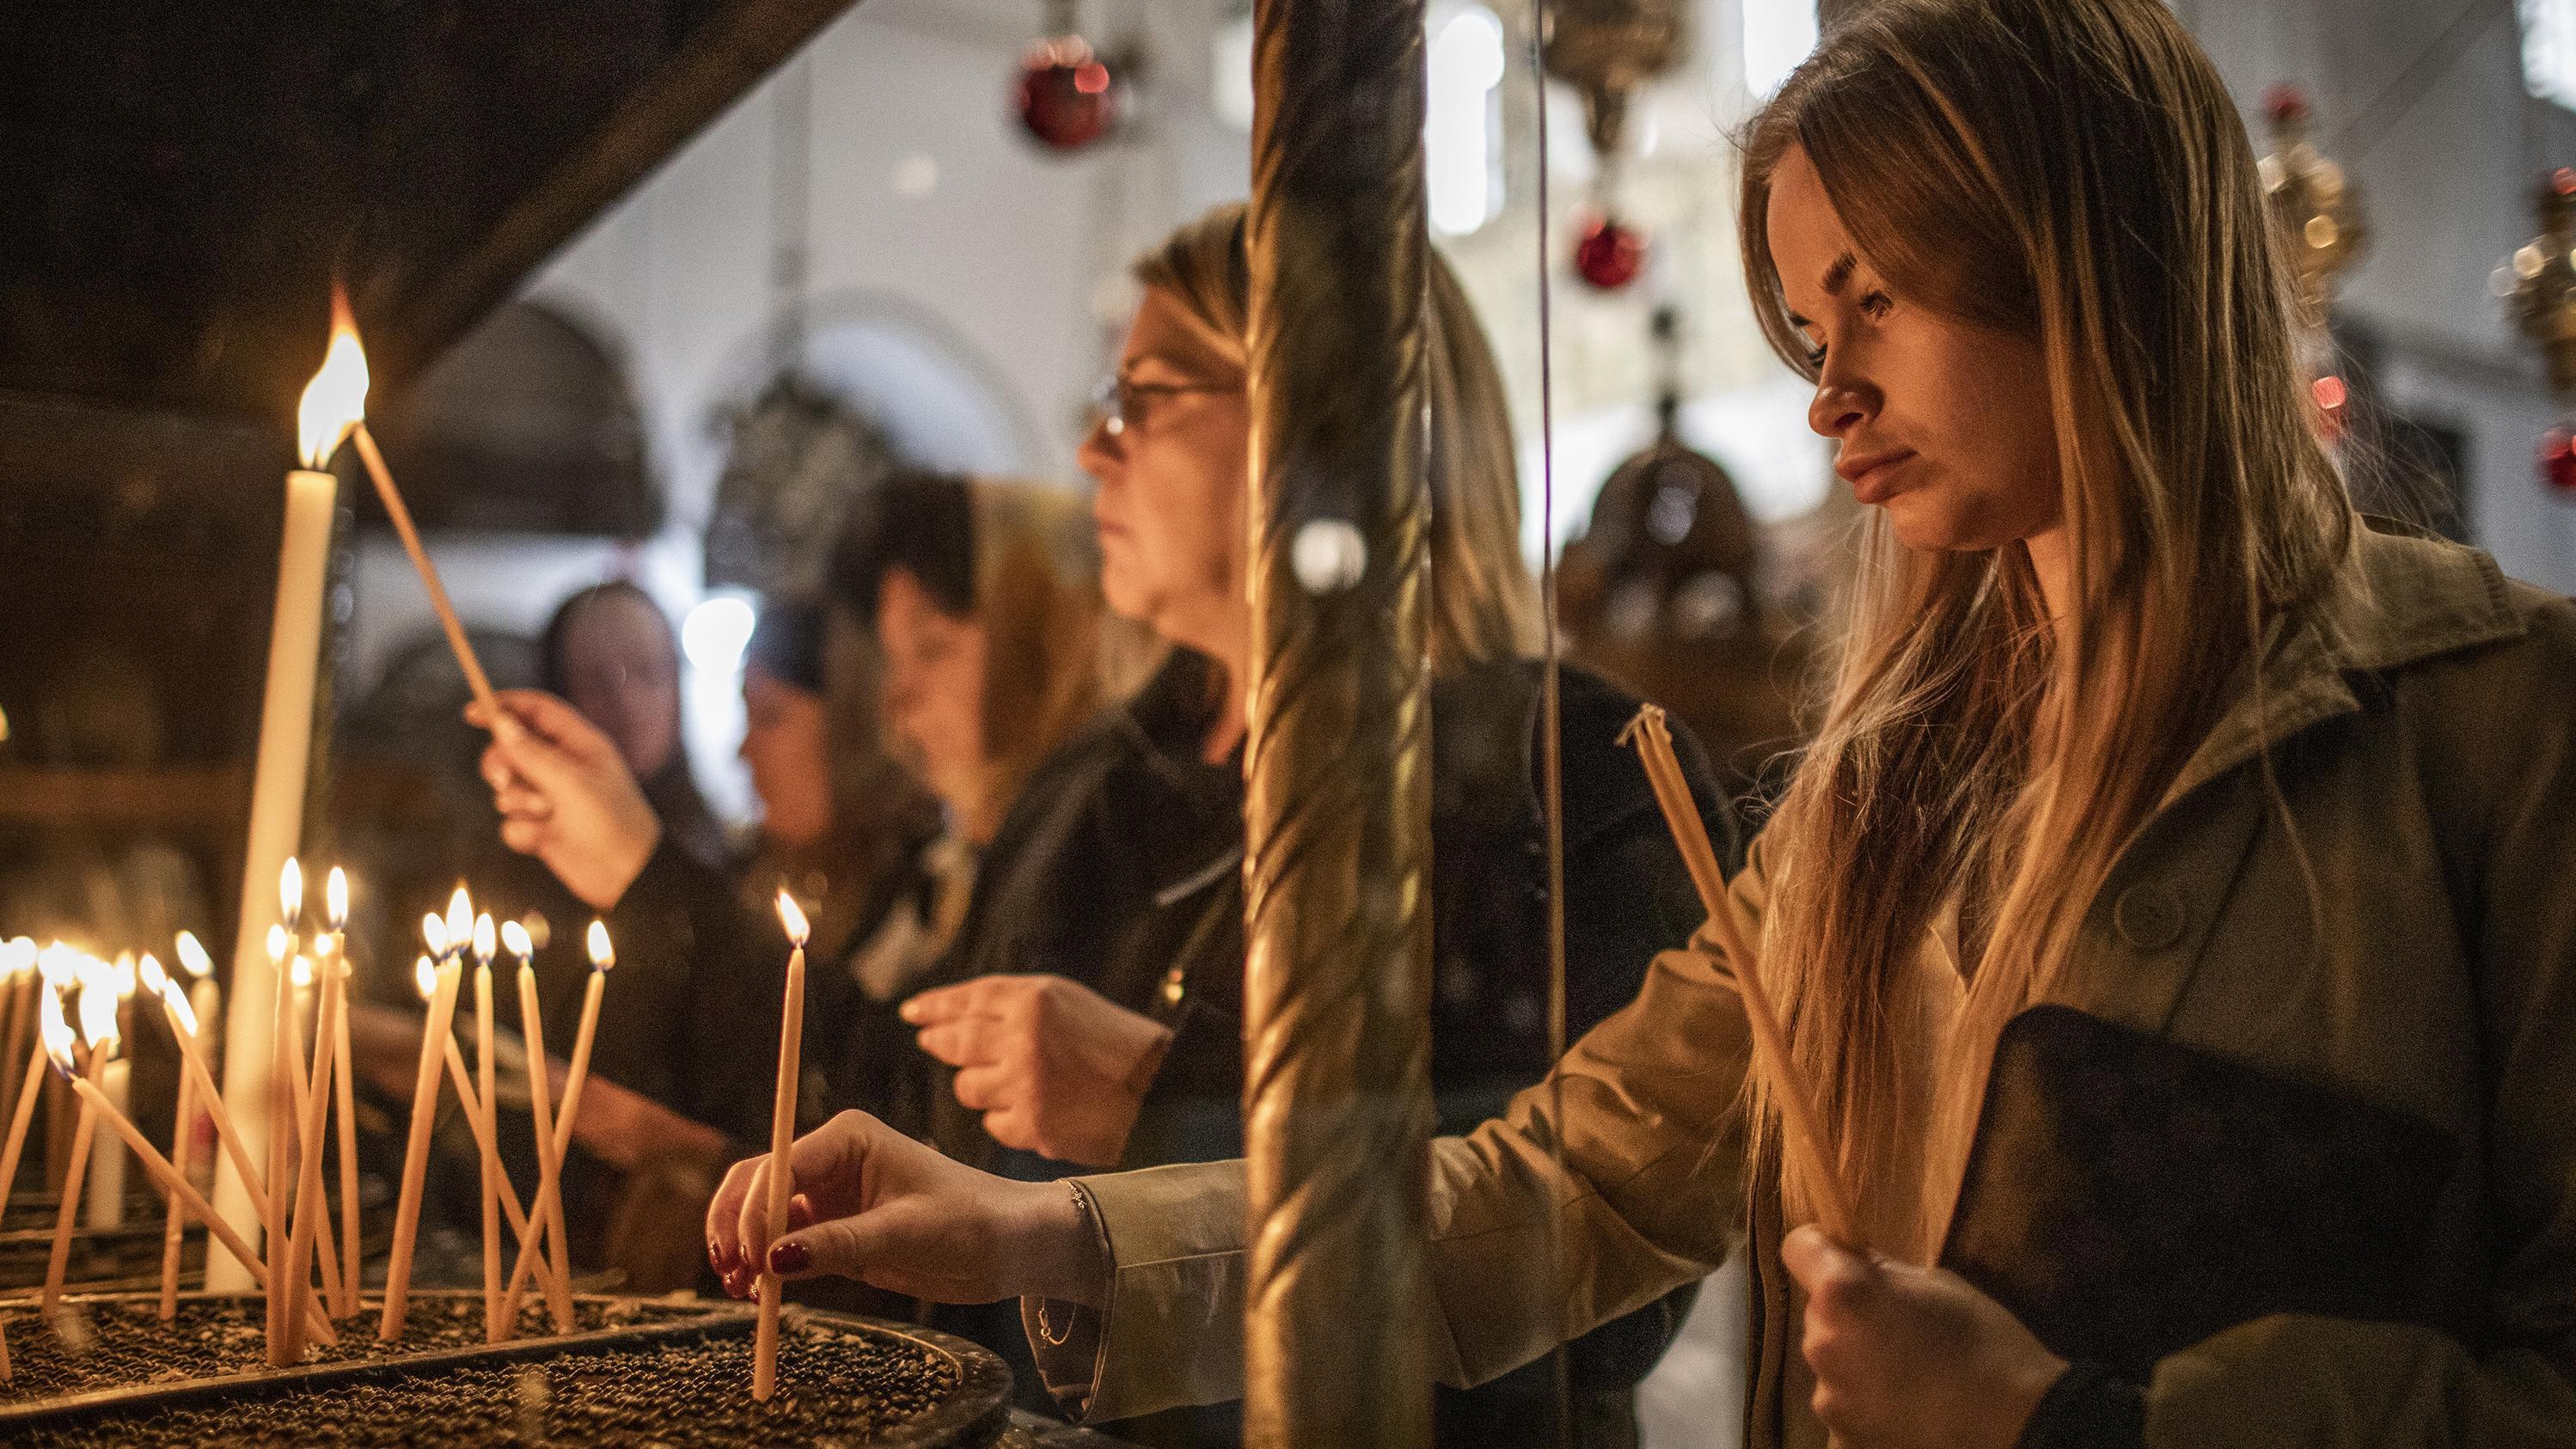 Weihnachten Im Christentum.In Bethlehem Ist Jeden Tag Weihnachten Br24